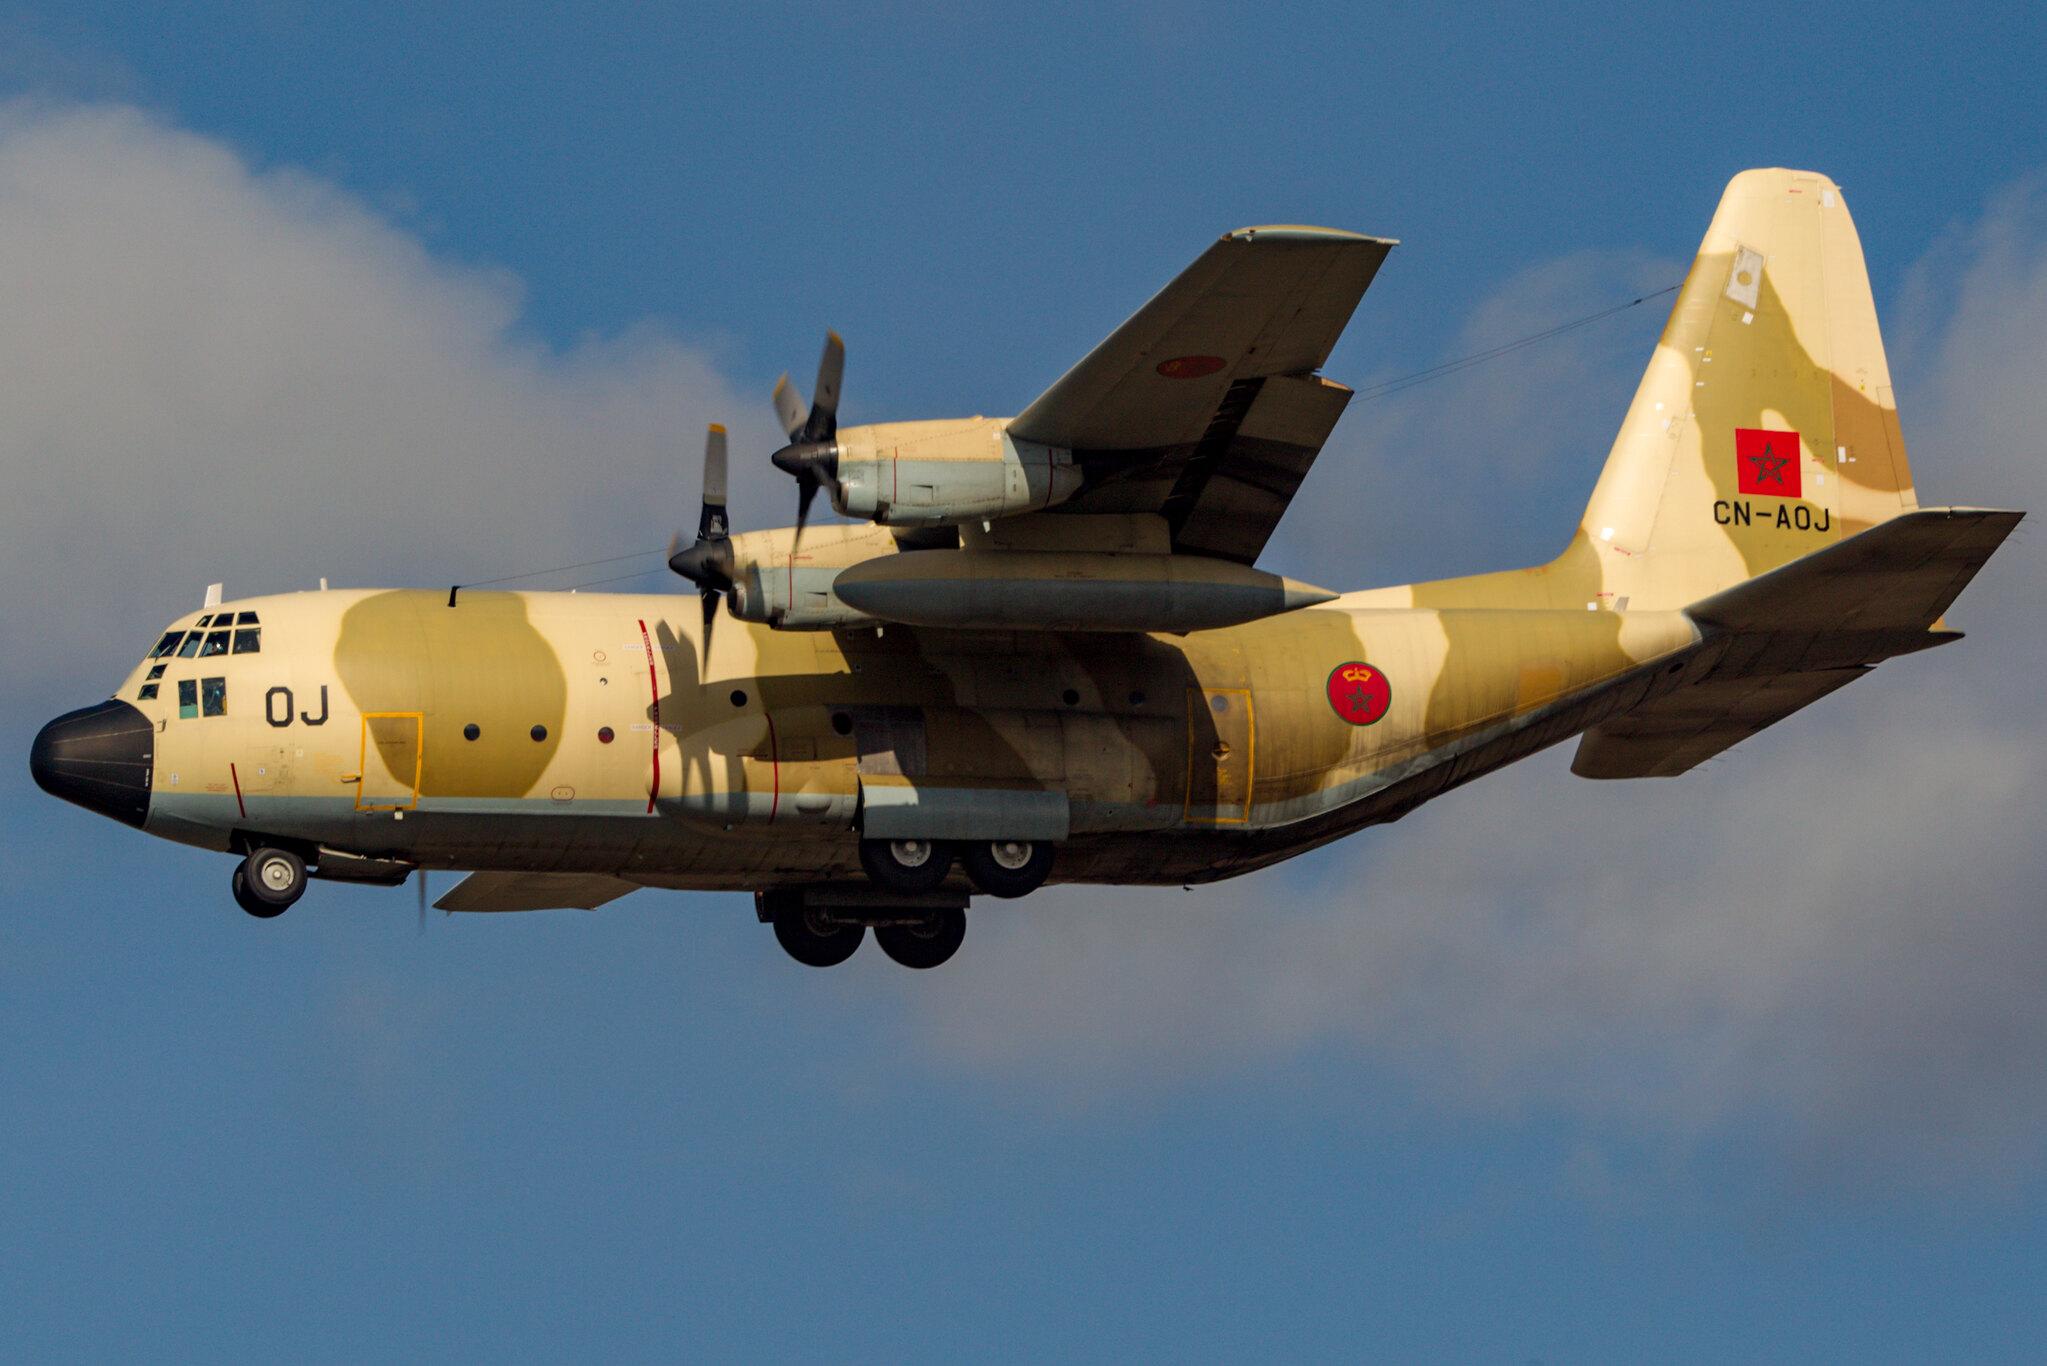 FRA: Photos d'avions de transport - Page 42 50973345903_be47b50415_k